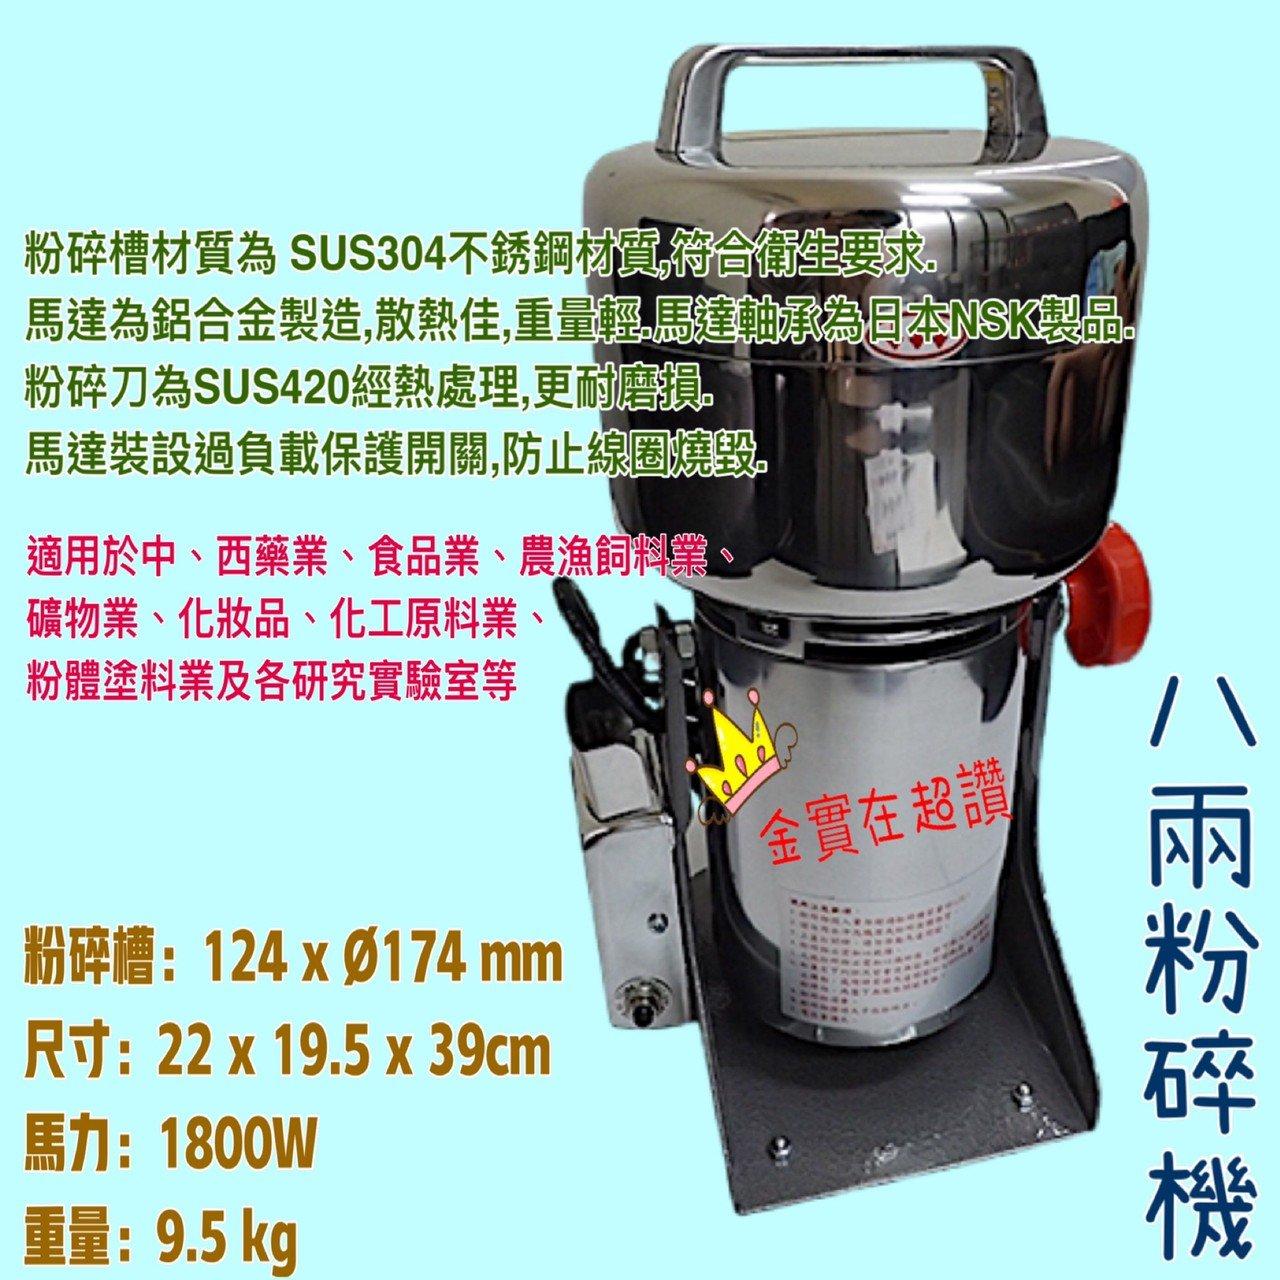 藥材粉碎機 中藥粉碎機 打粉機 磨粉機 台灣製造 八兩粉碎機 研磨機 (調理機) 食材 藥材 8兩 粉碎機